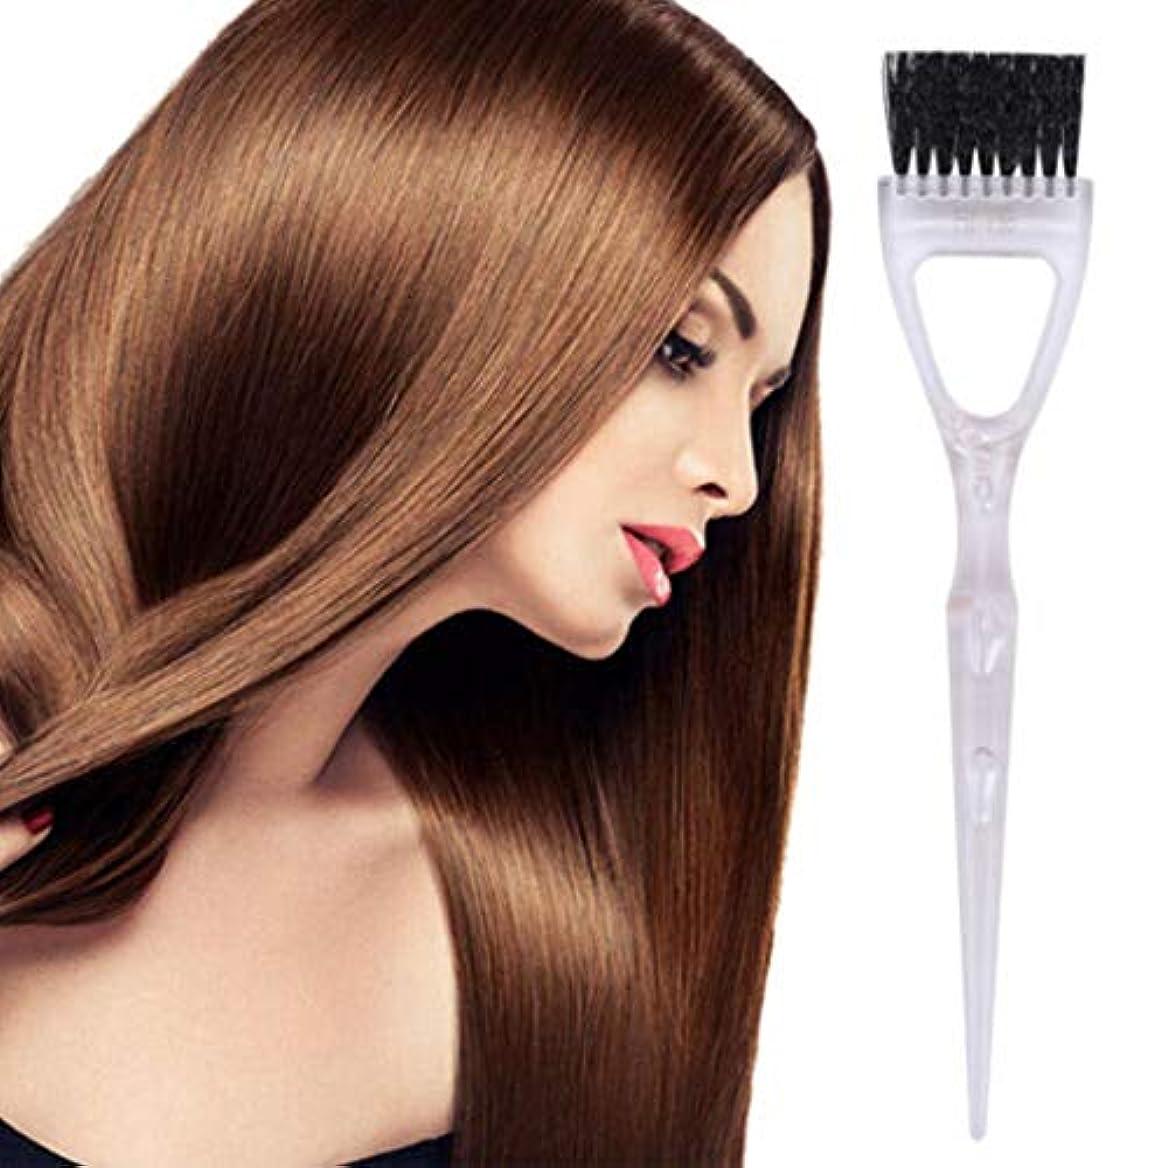 ご近所球状値する染毛ブラシヘアブラシサロンコームヘアカラーブラシ染めトーンツールキット、カラーケアの染毛ケラチン